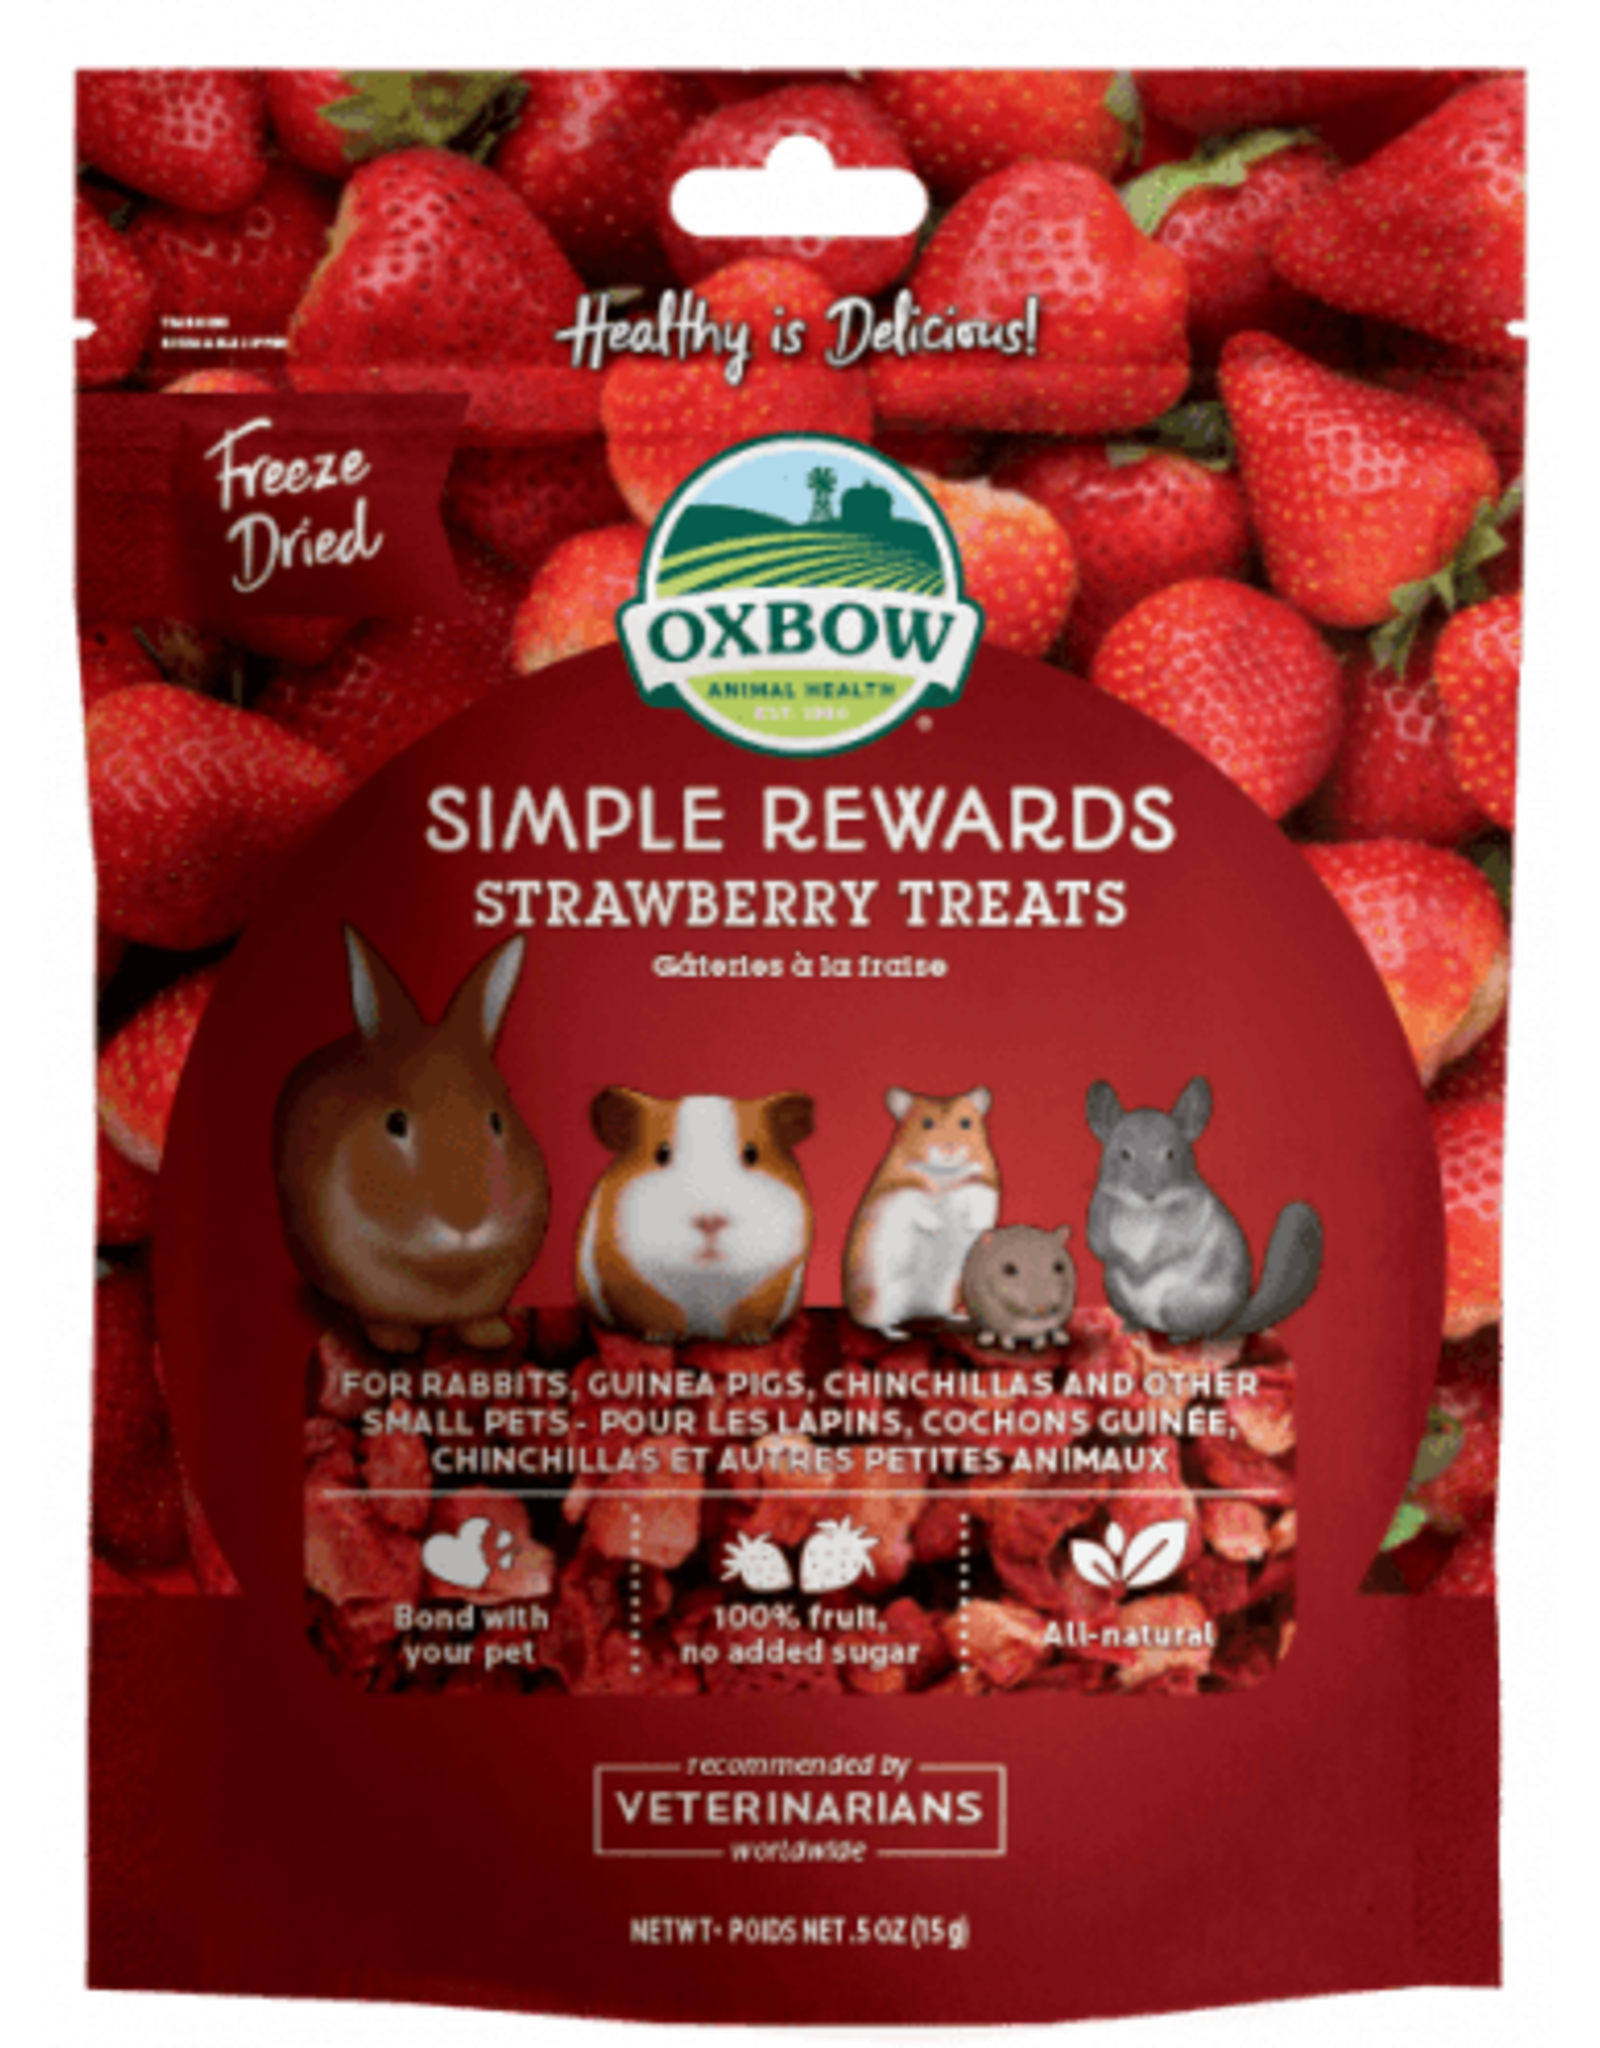 Oxbow OXBOW Simple Rewards Strawberry Treats .5oz